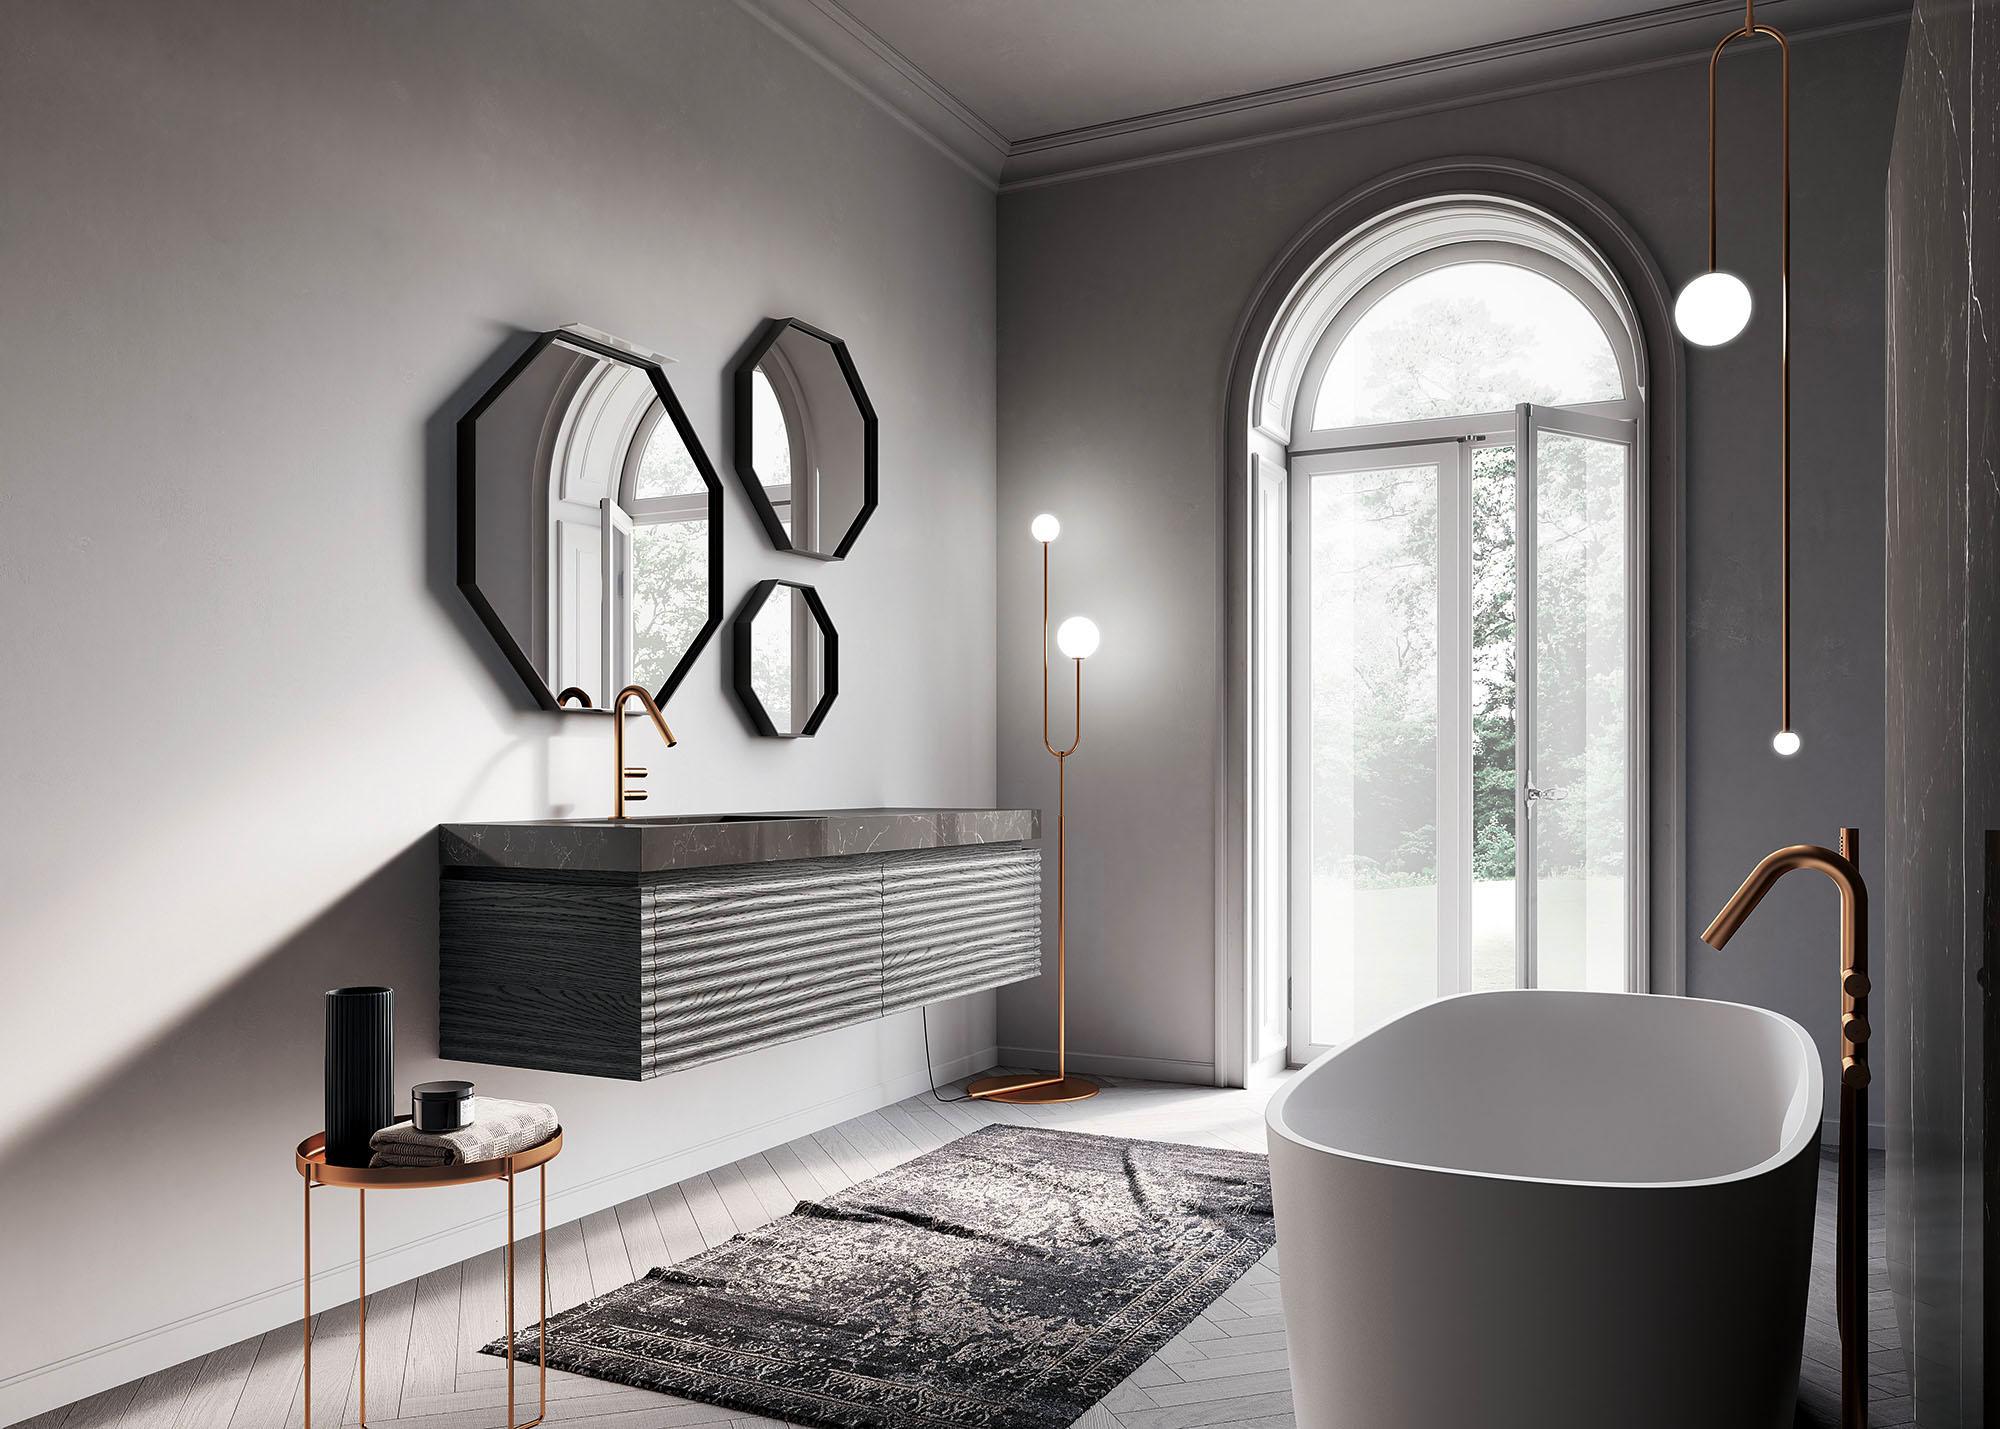 Come Pitturare Le Pareti Di Una Scala Interna come scegliere il colore delle pareti del bagno - ideagroup blog